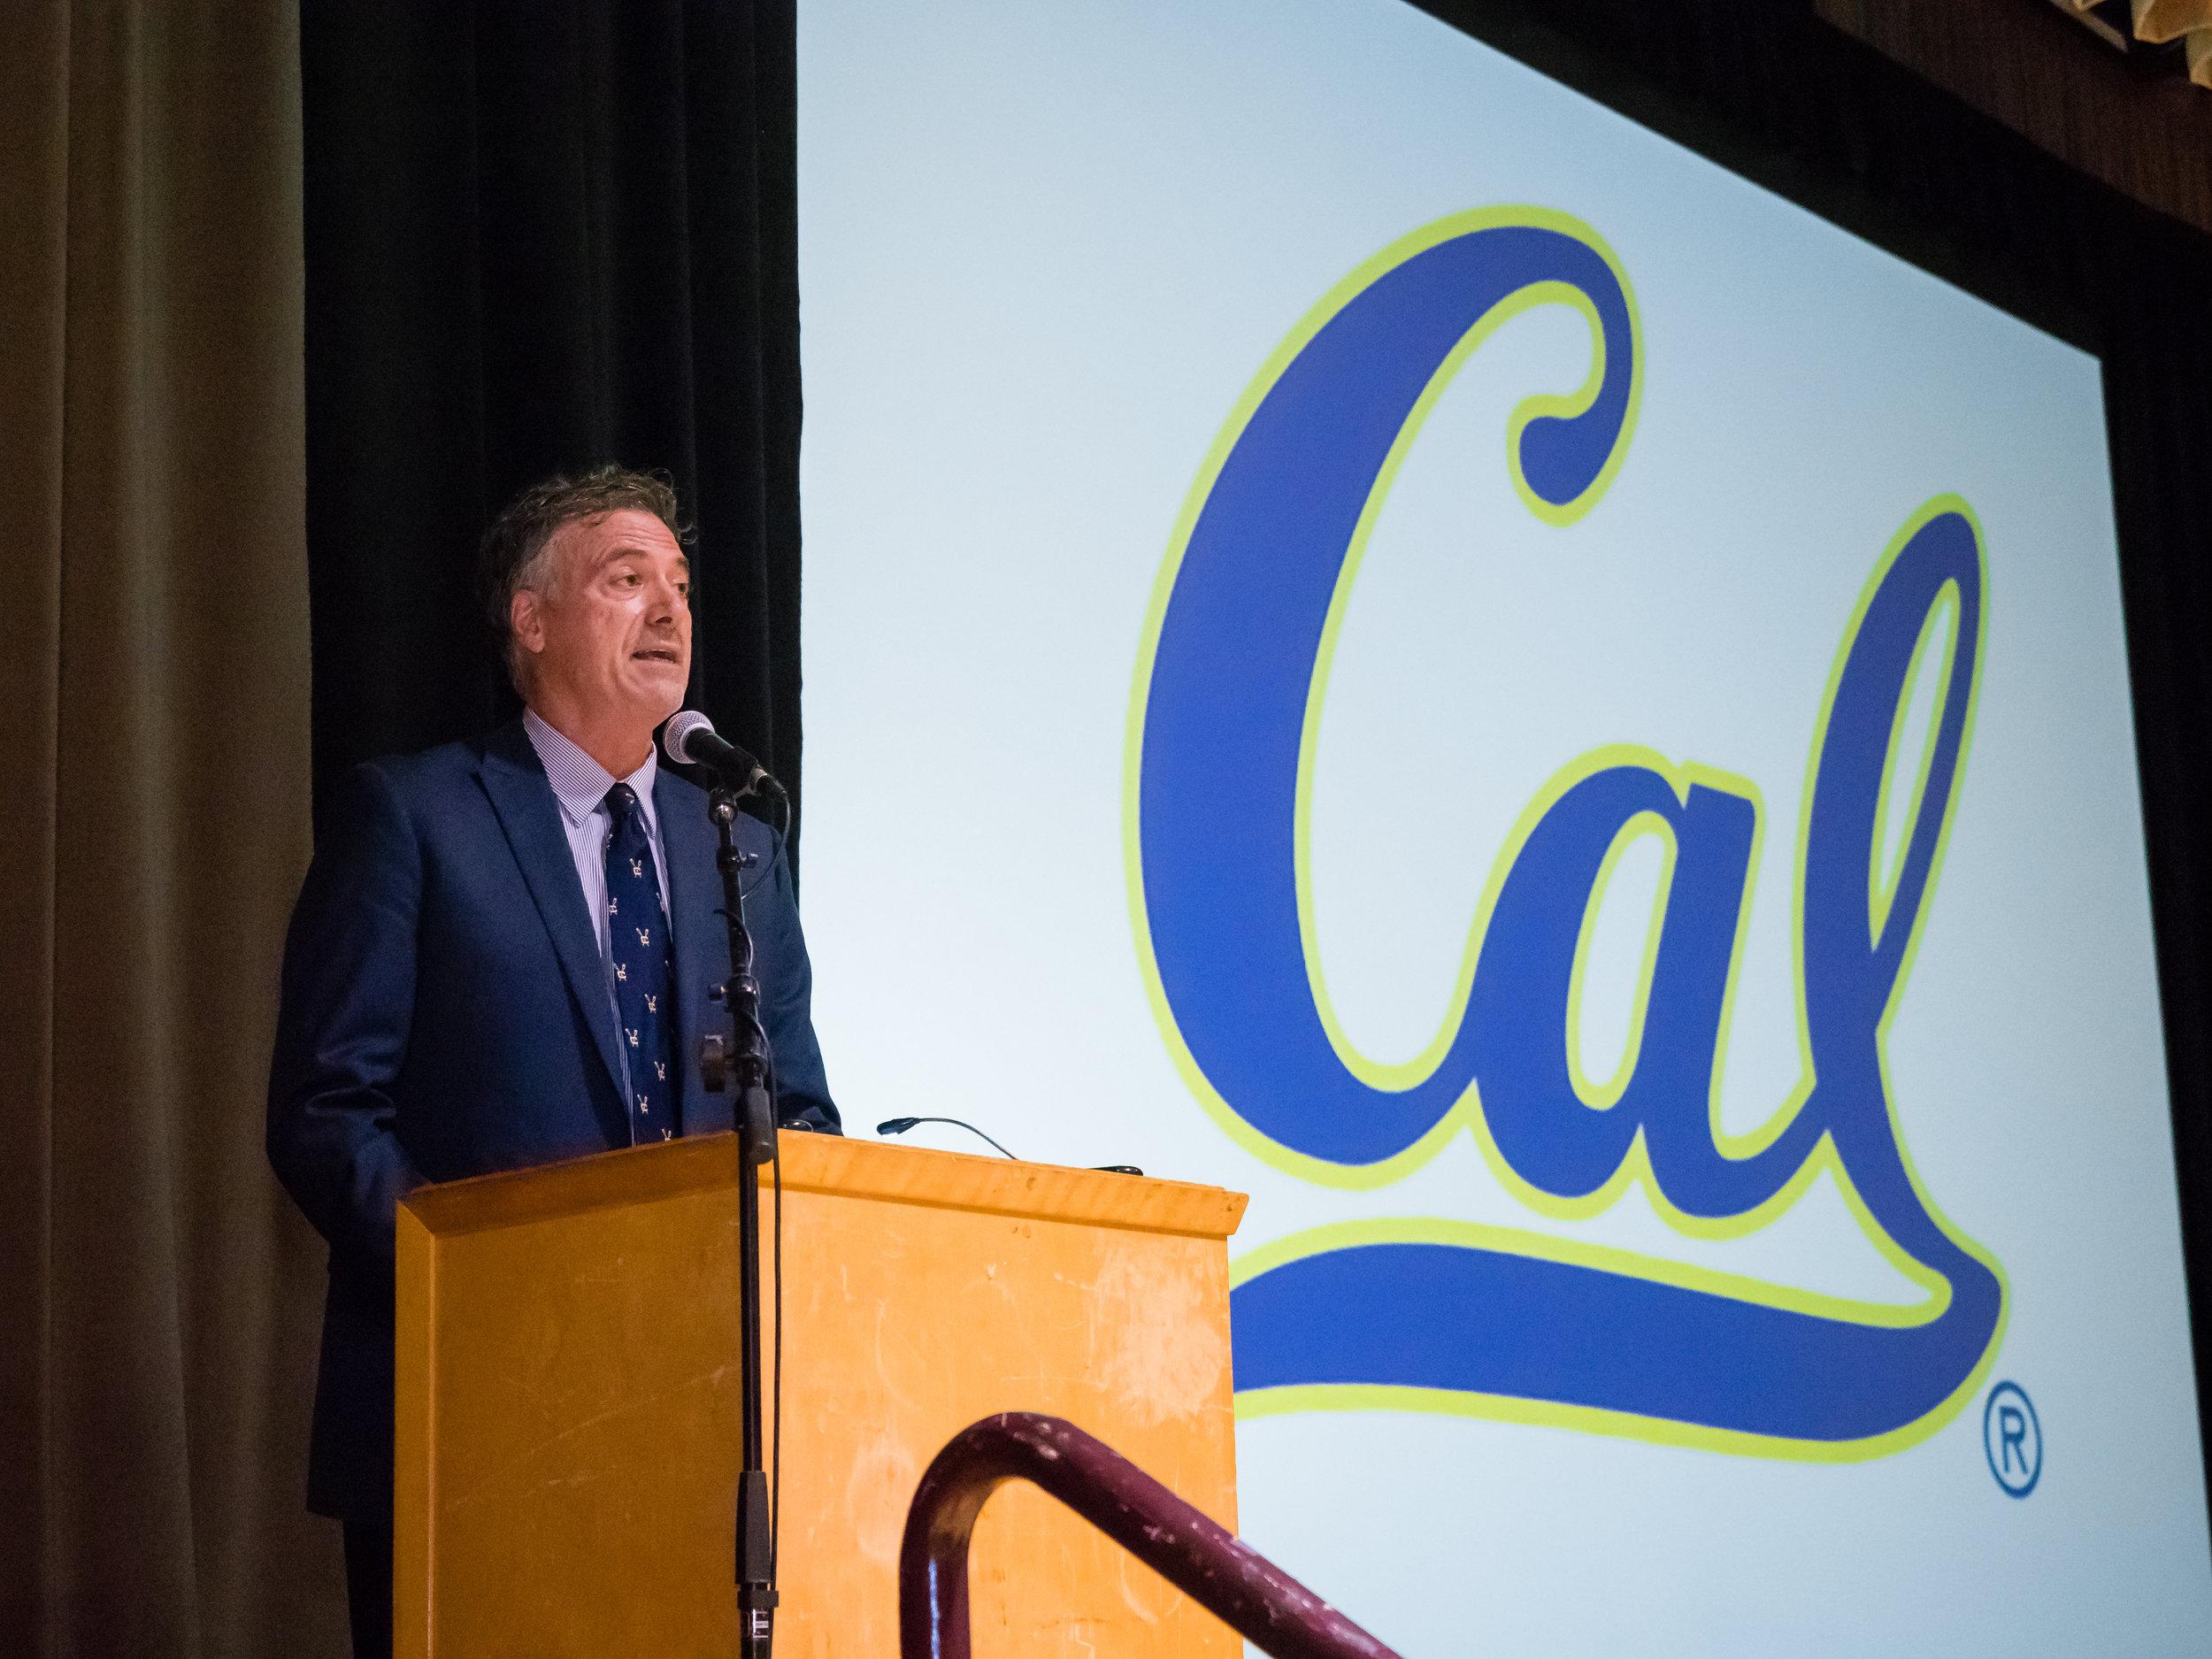 _Cal_Hall of Fame_20170908_210532_KLC-(ZF-9201-57652-1-1084).jpg